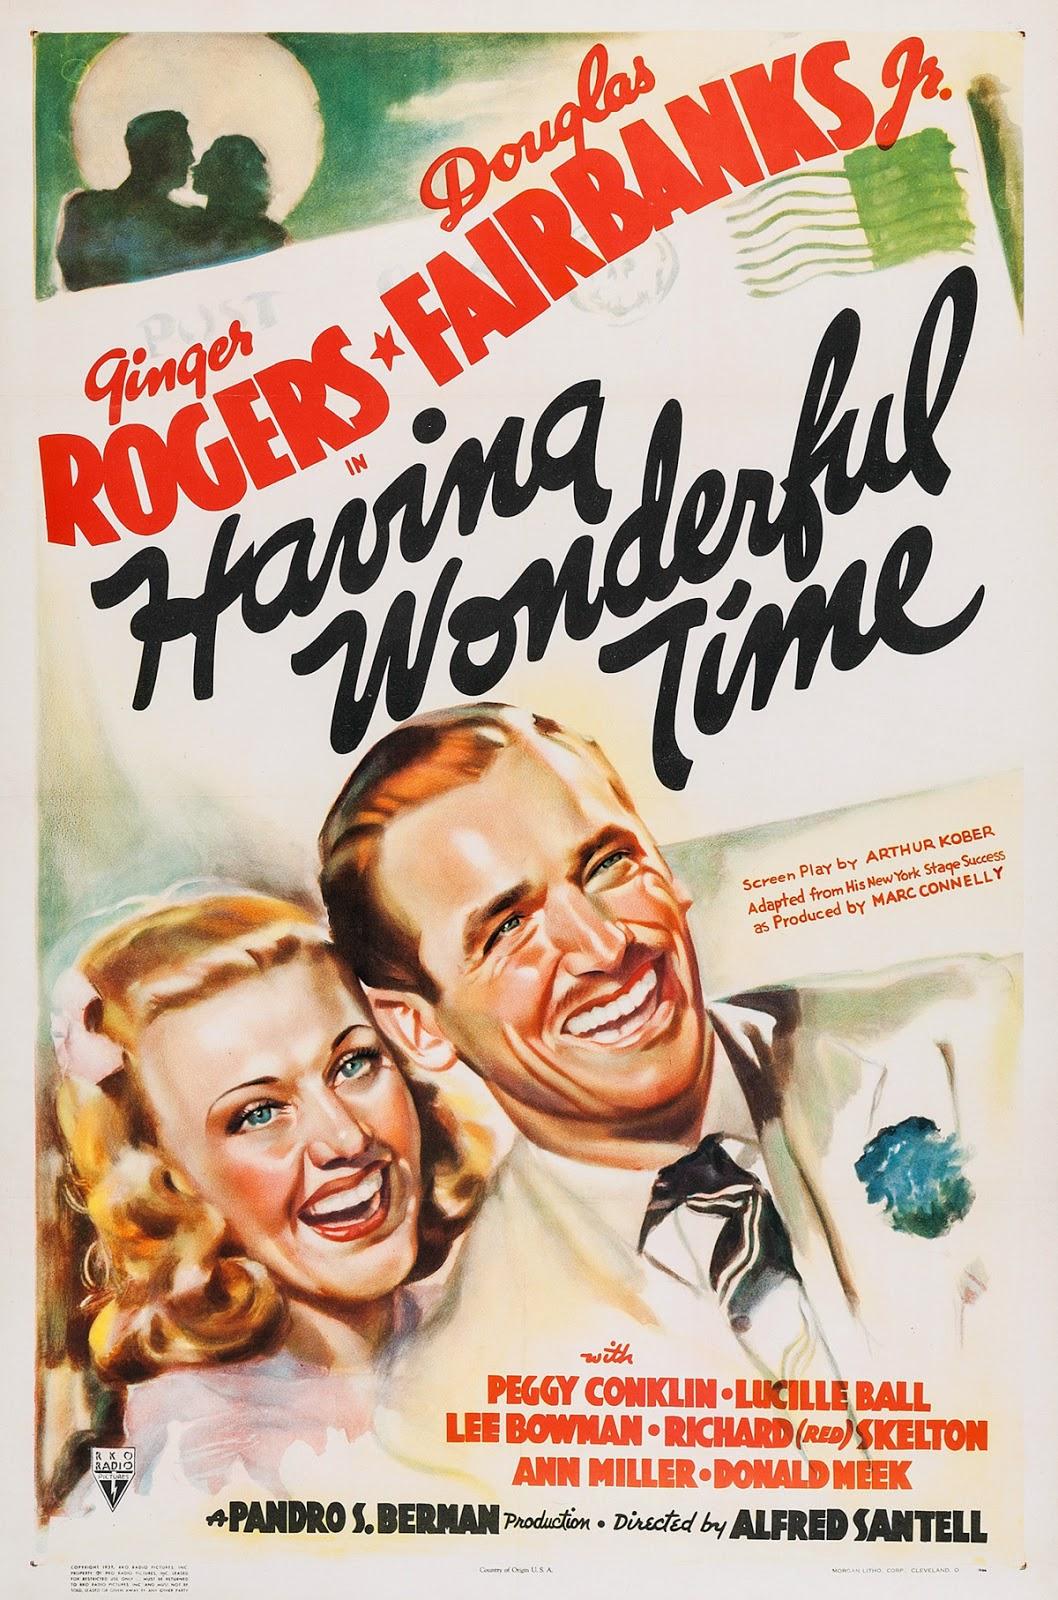 Back to Golden Days: A Debbie Reynolds Film Friday